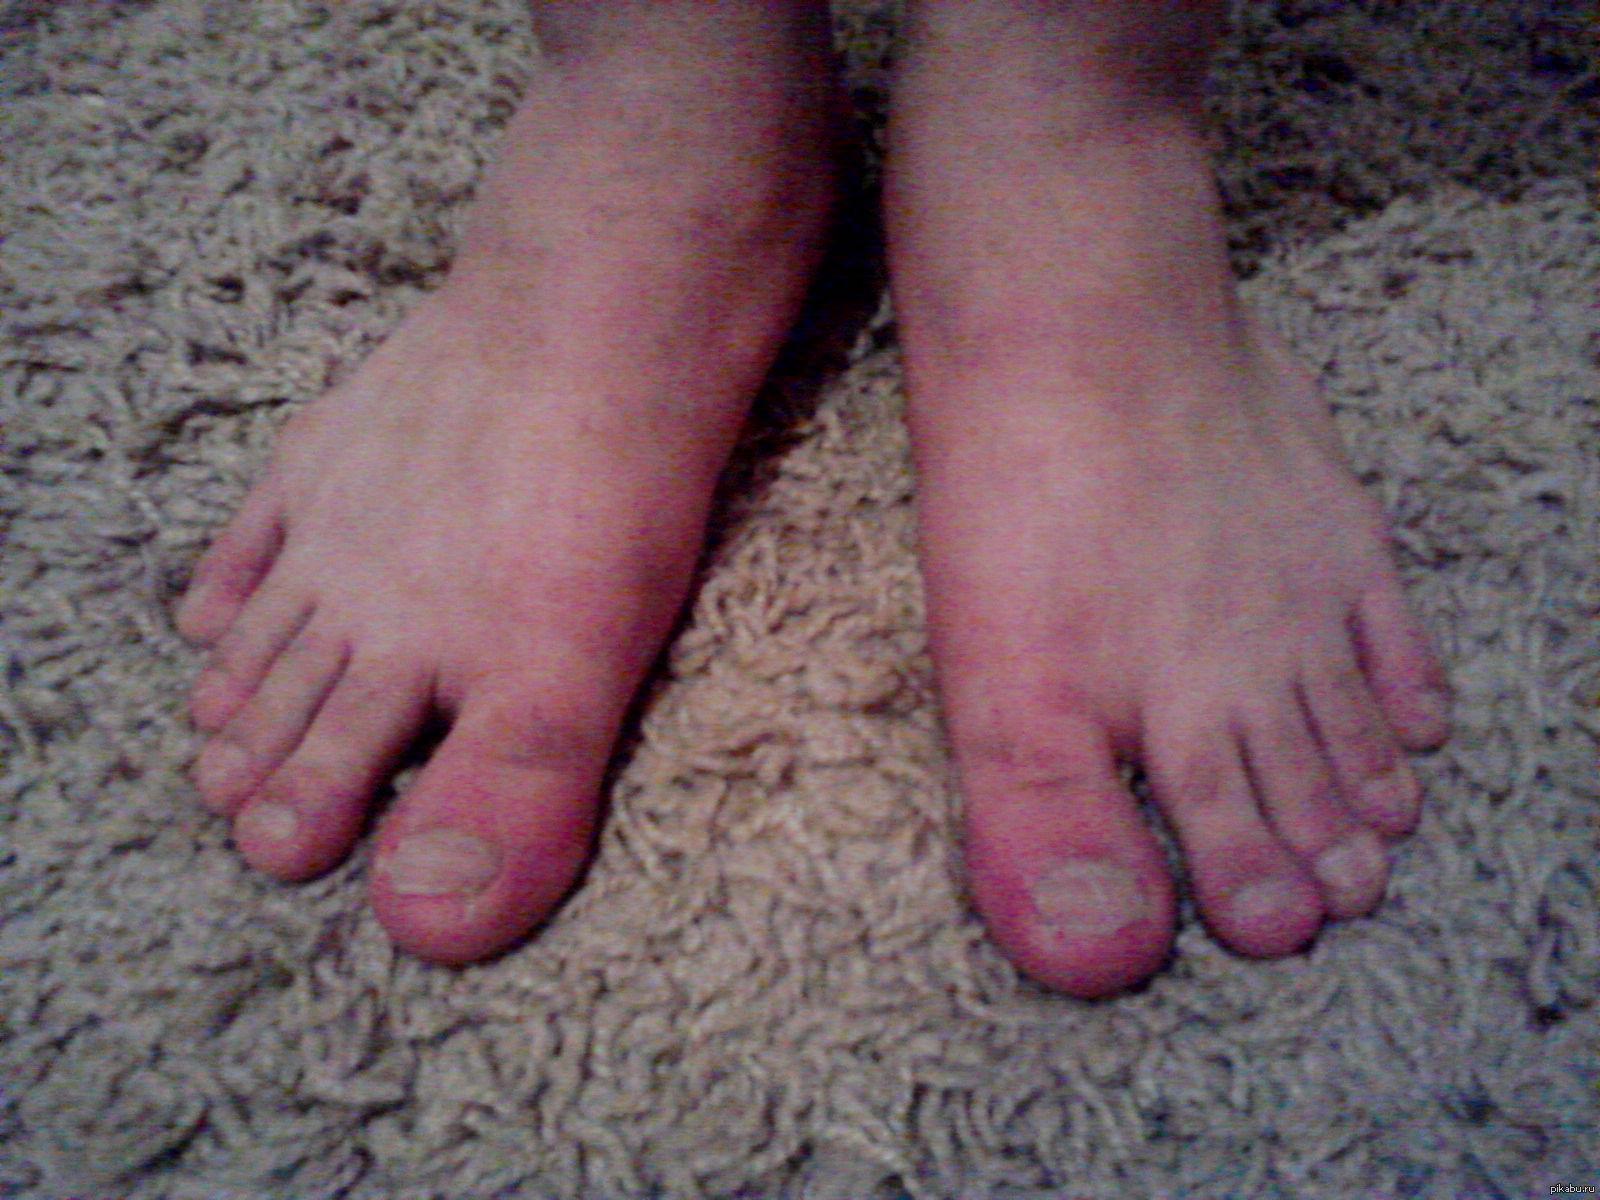 Сперма у девочки на пальцах ног фото 21 фотография